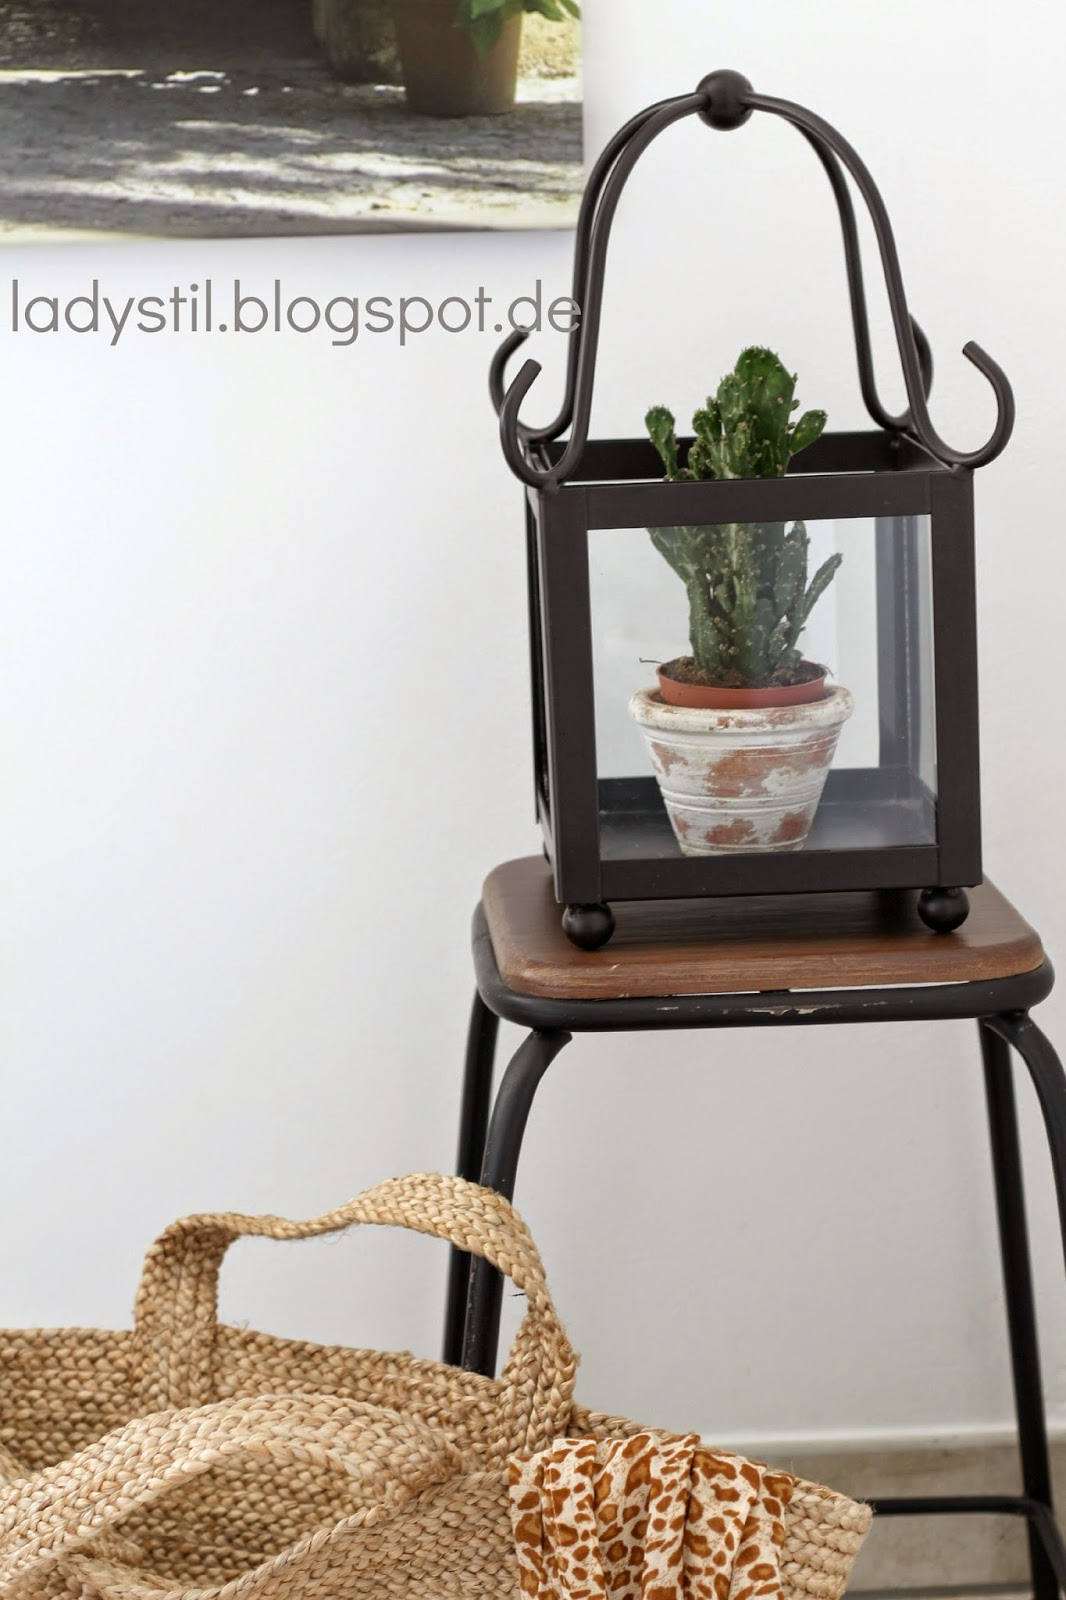 Kaktus in einem Glas auf Hocker